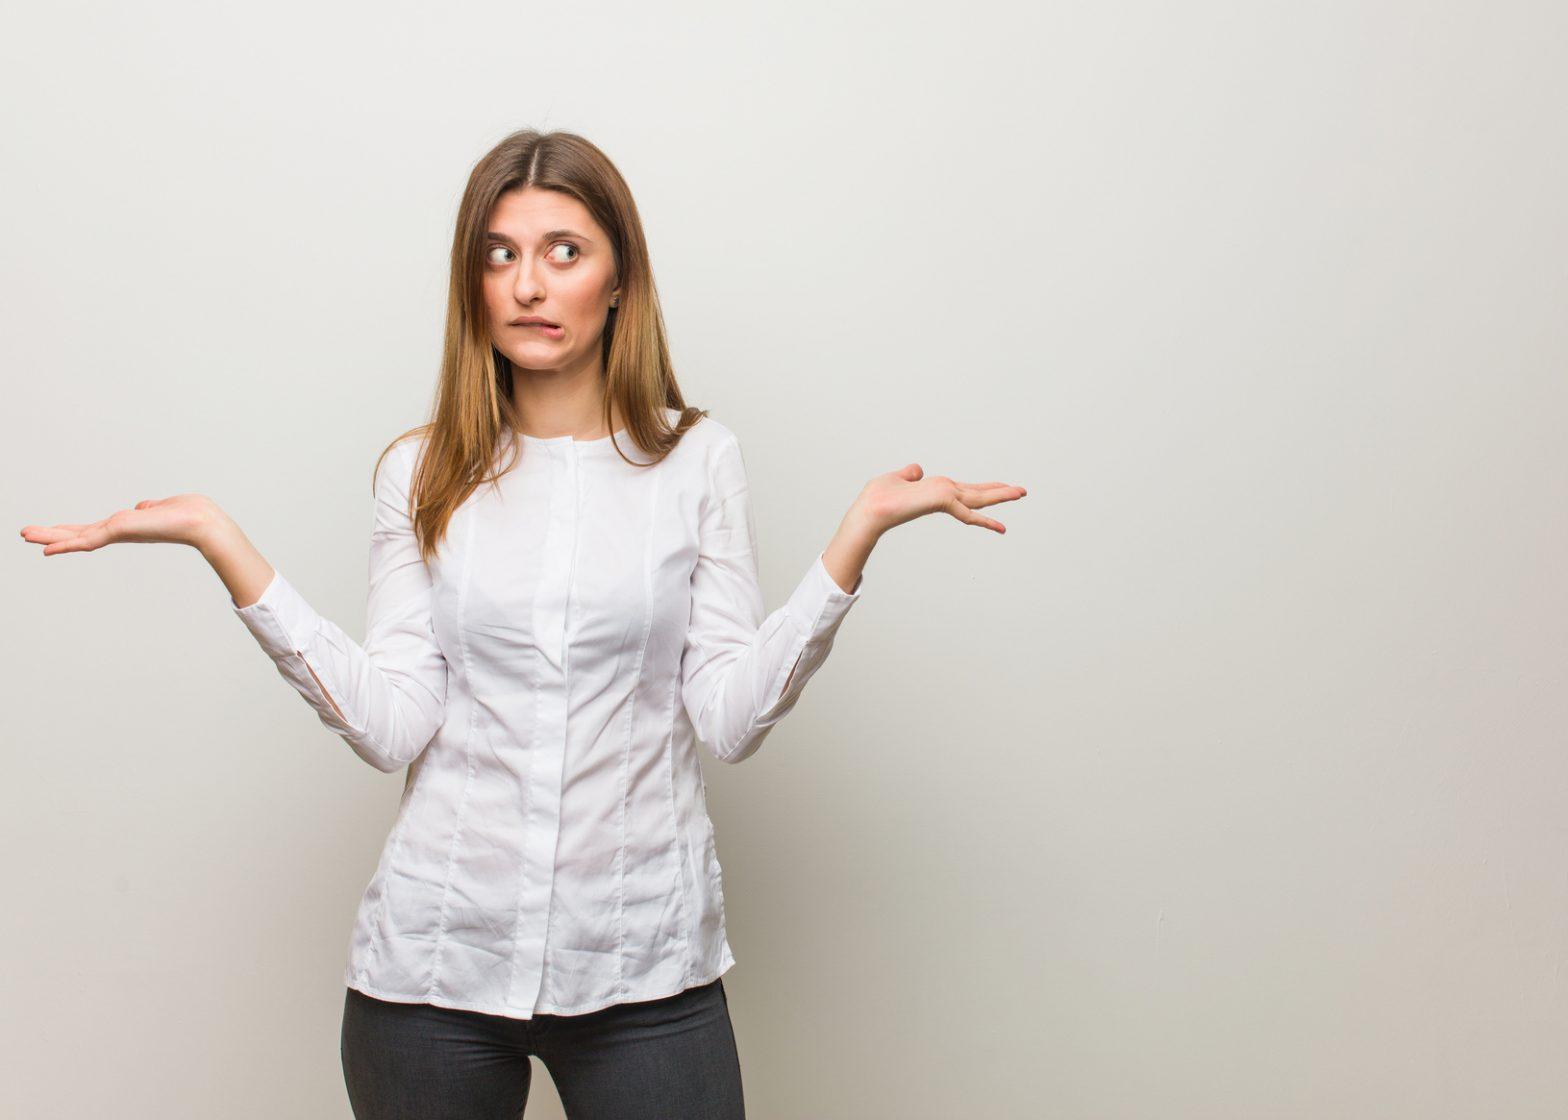 Jak wybrać żonę/męża i uniknąć rozwodu?